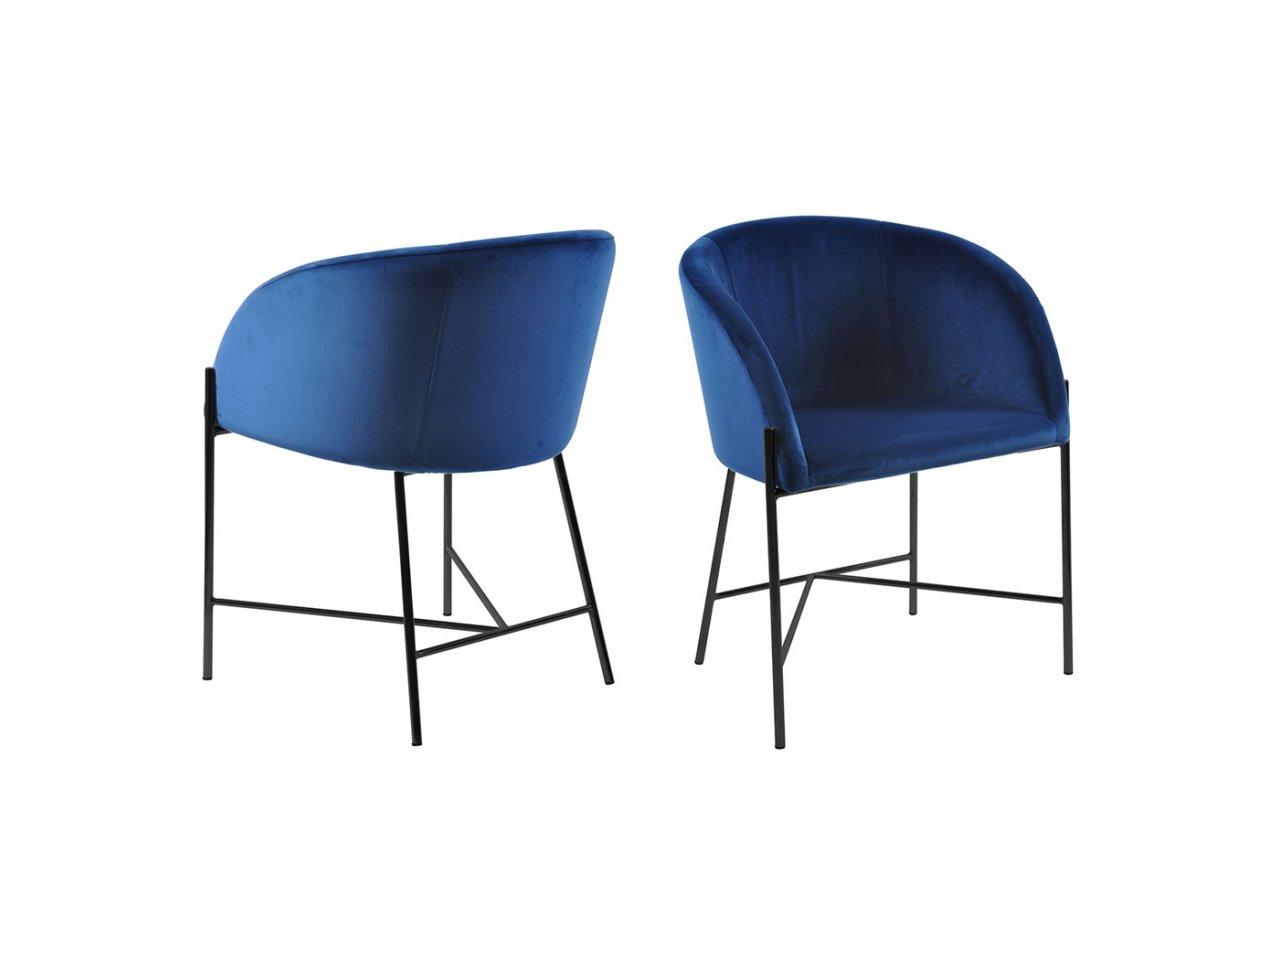 Sedia con braccioli Bobbio - v15